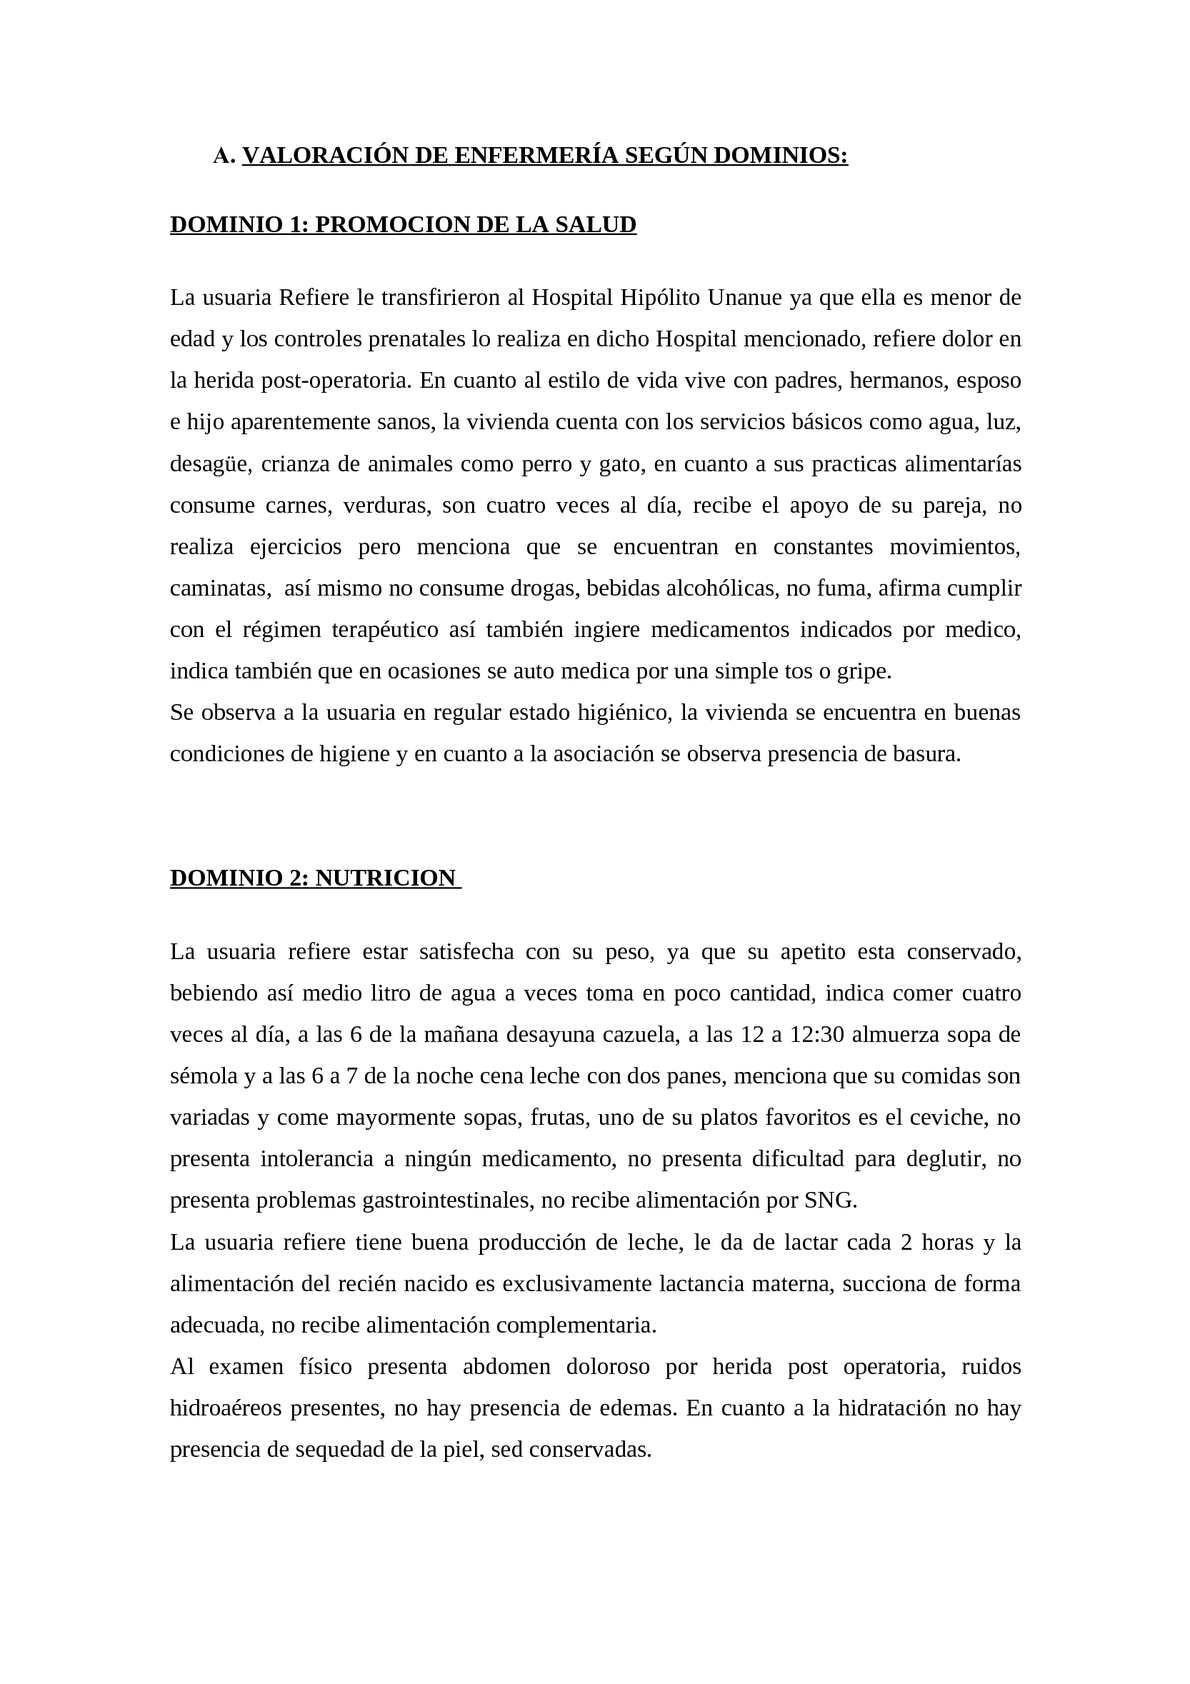 ejemplo de redacción de  DOMINIOS